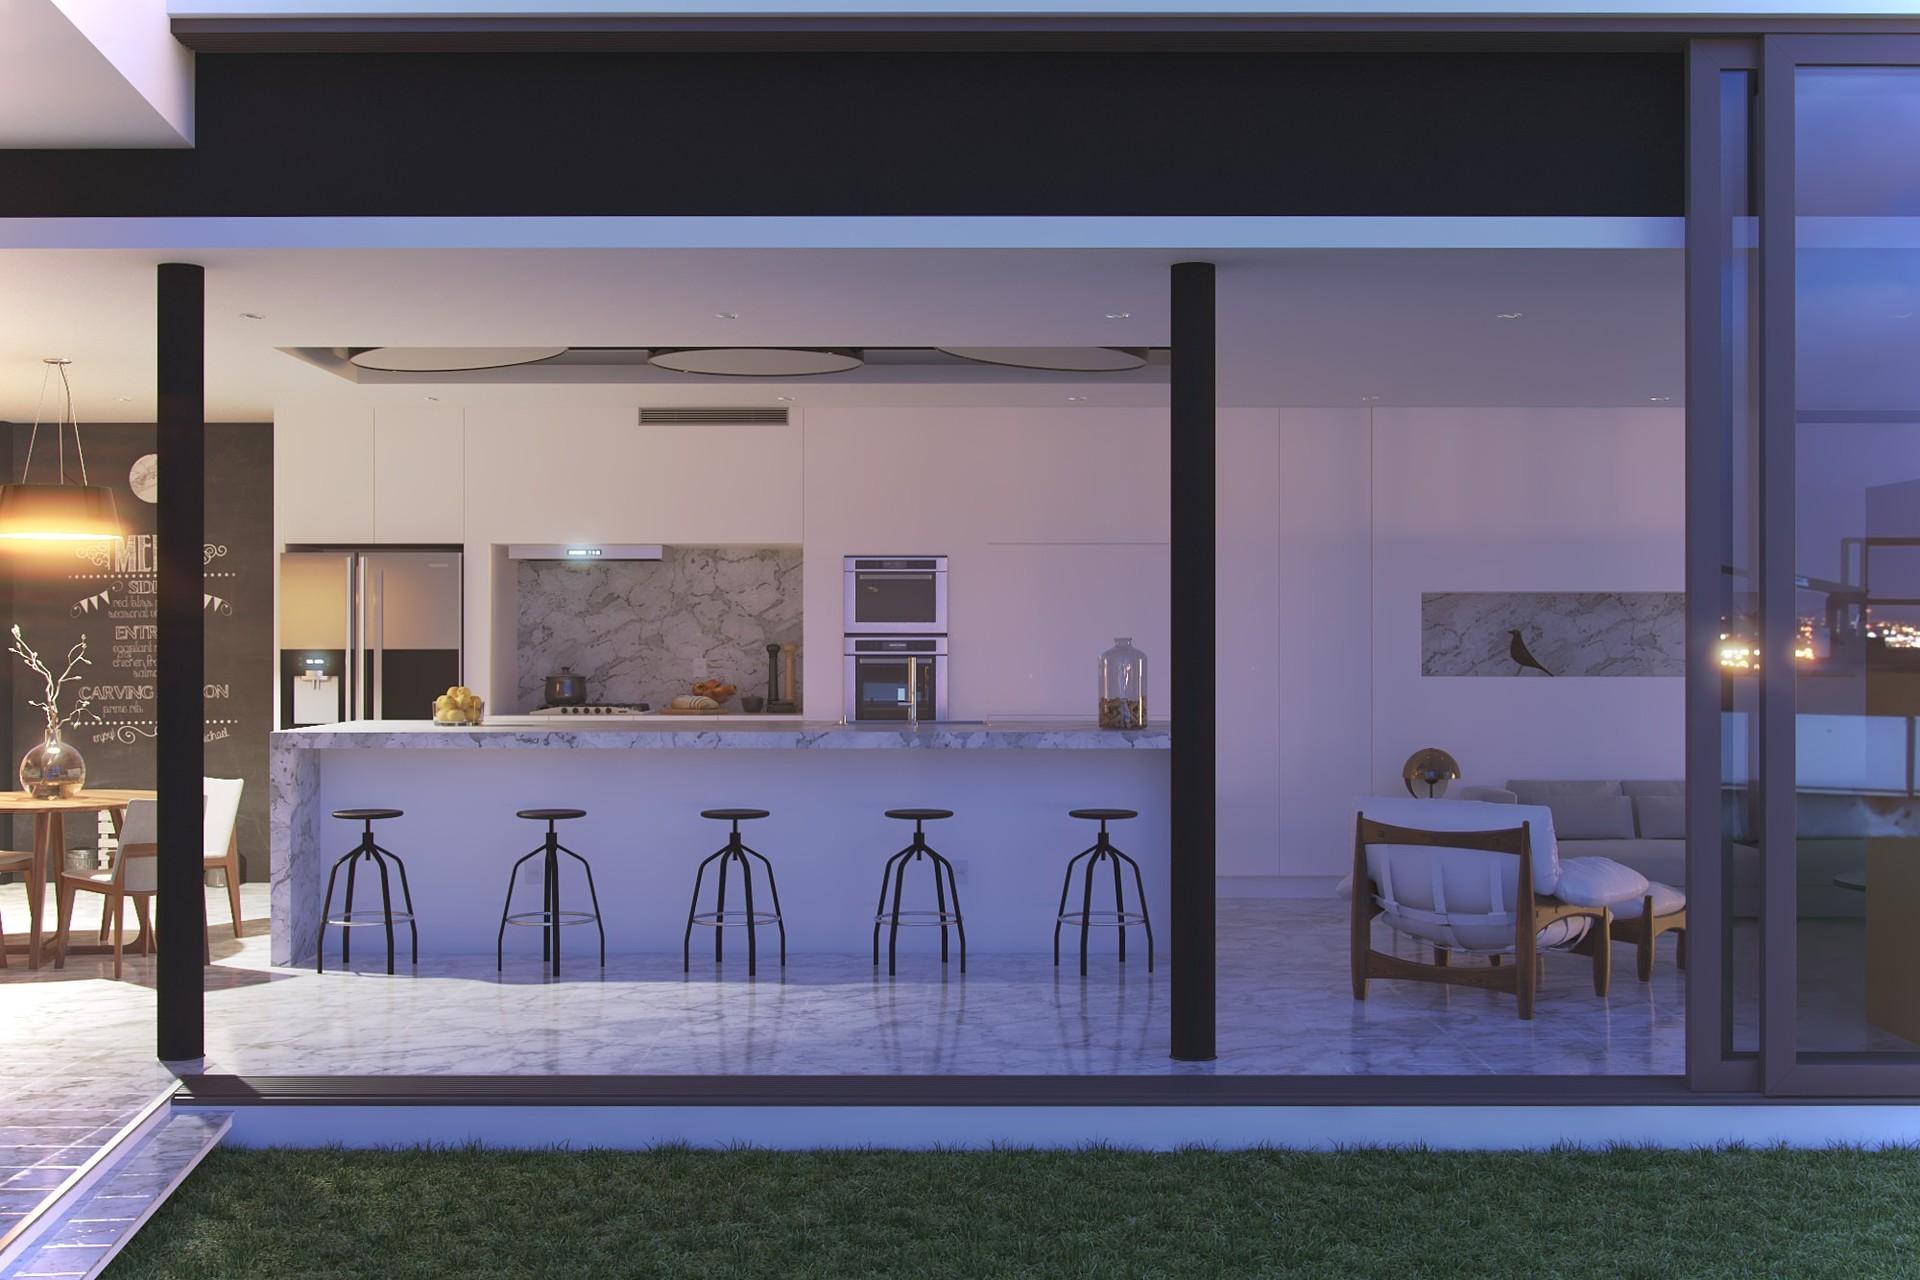 Ricardo eloy cozinha c013